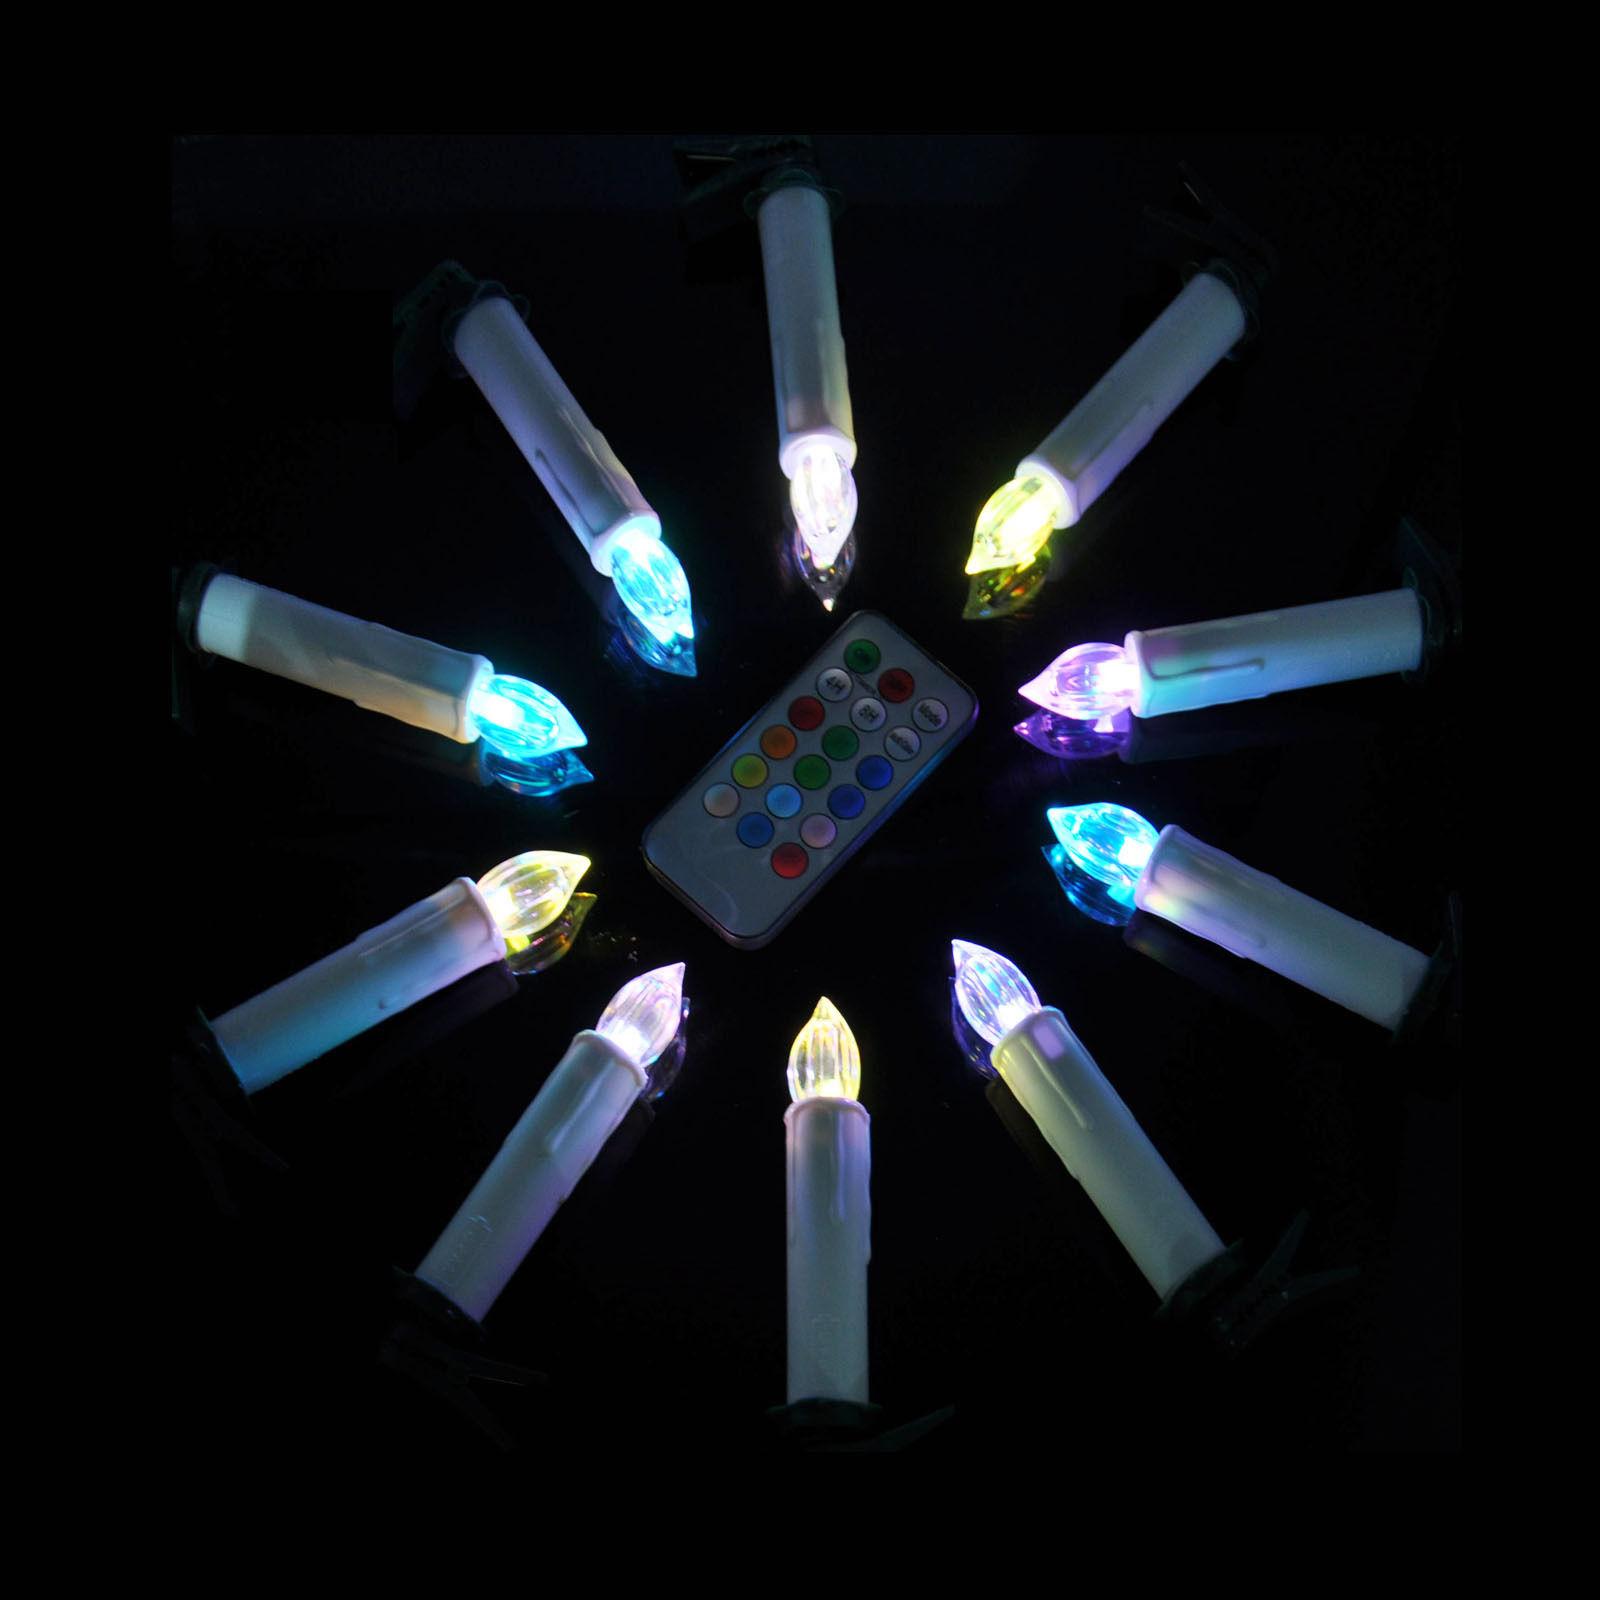 af2faf4c-52db-e801-74f5-90a343095c16 Wunderschöne Led Lichterkette Kabellos Mit Fernbedienung Dekorationen